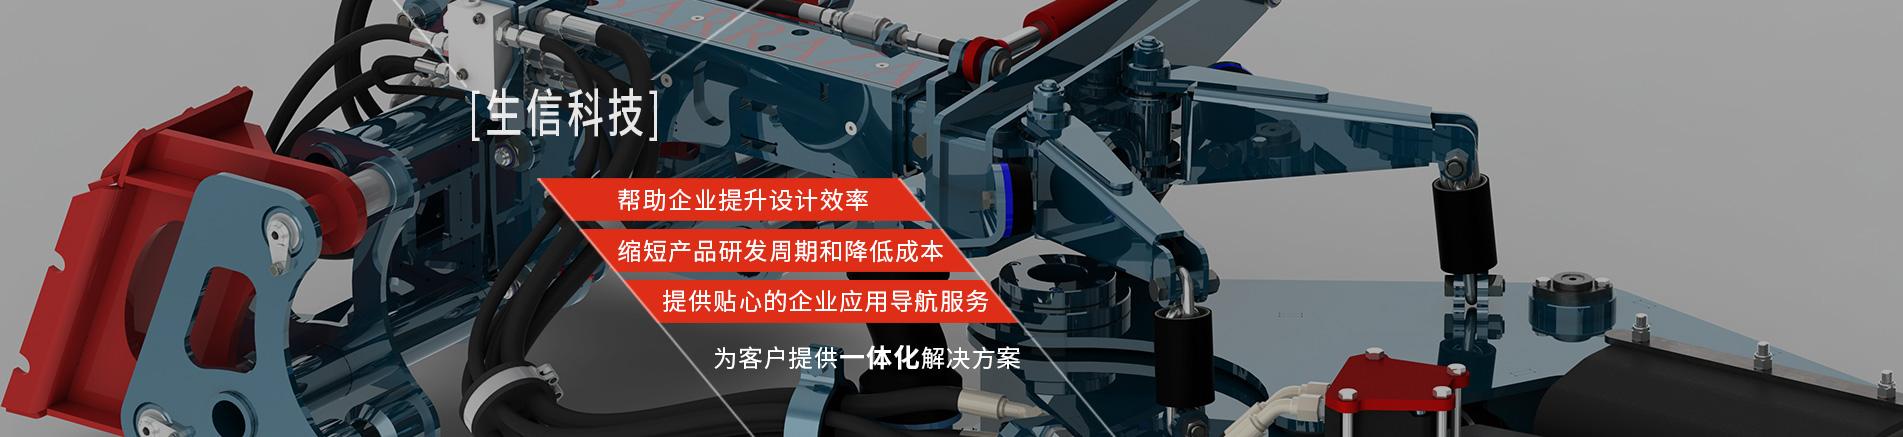 上海生信计算机科技发展有限公司